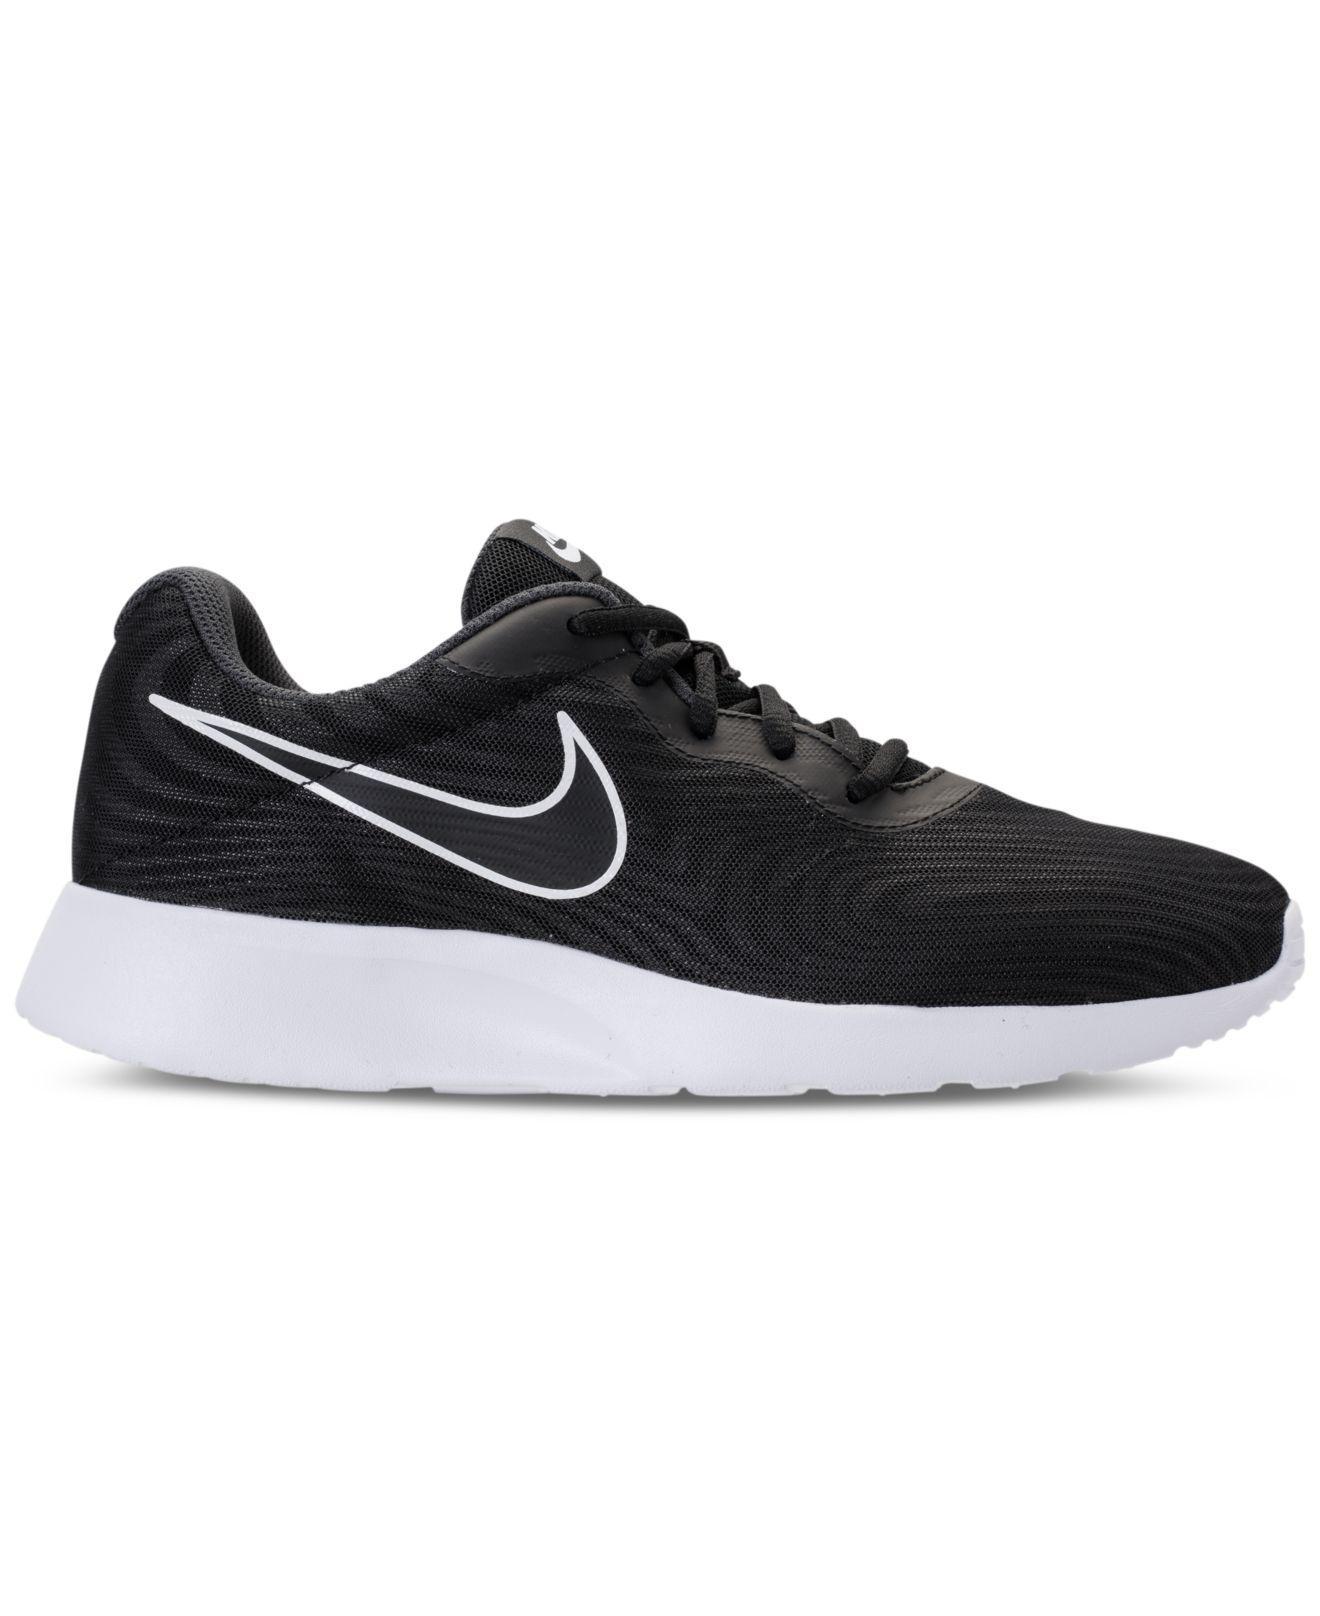 Nike Men's Tanjun Premium Casual Sneakers from Finish Line EjIJr